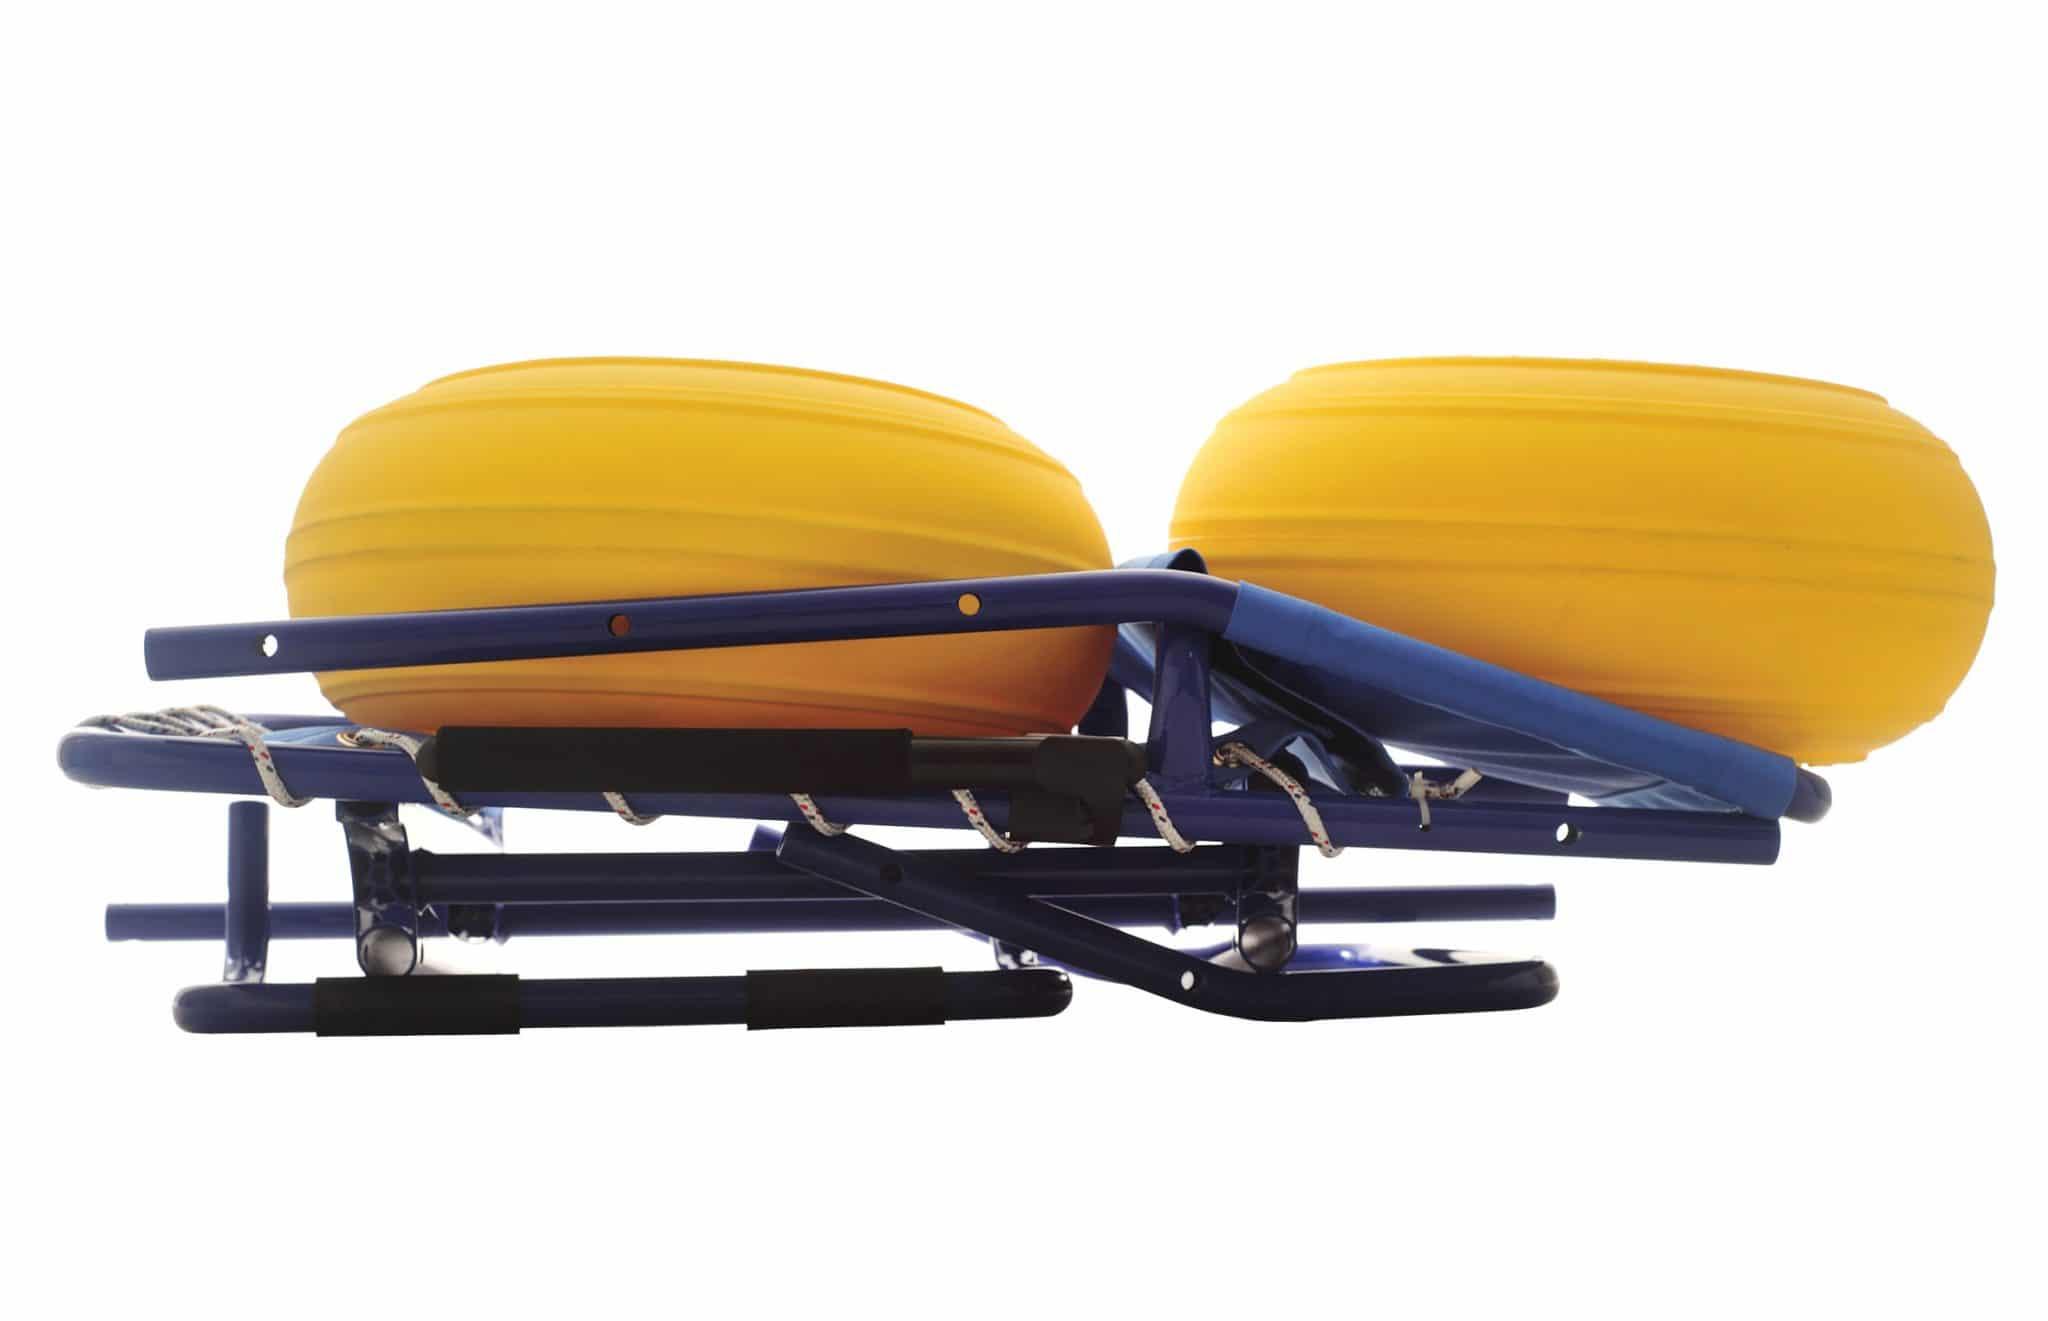 Cadeira de rodas anfíbia desmontada